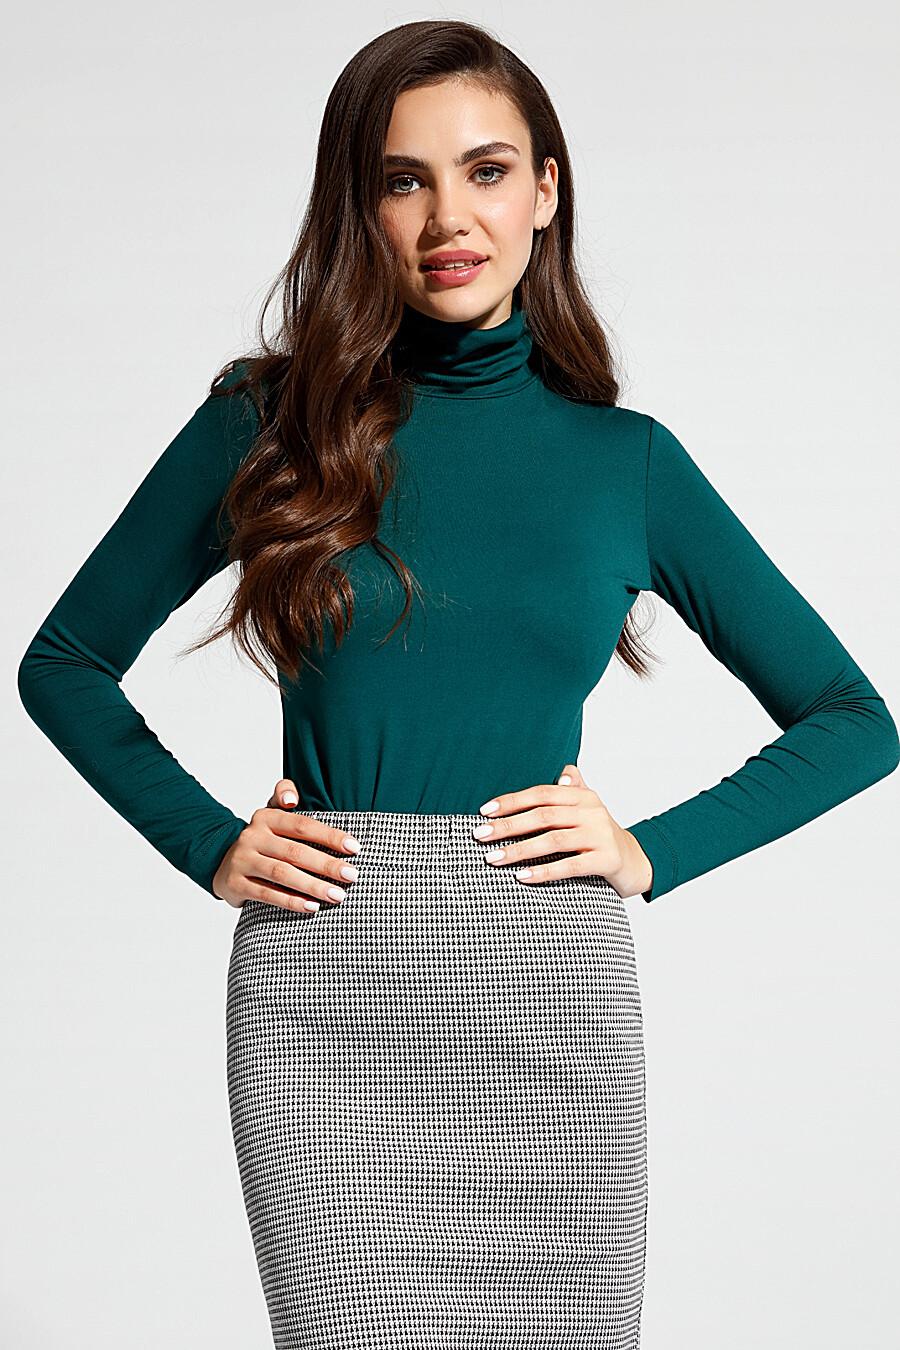 Водолазка для женщин CONTE ELEGANT 148631 купить оптом от производителя. Совместная покупка женской одежды в OptMoyo